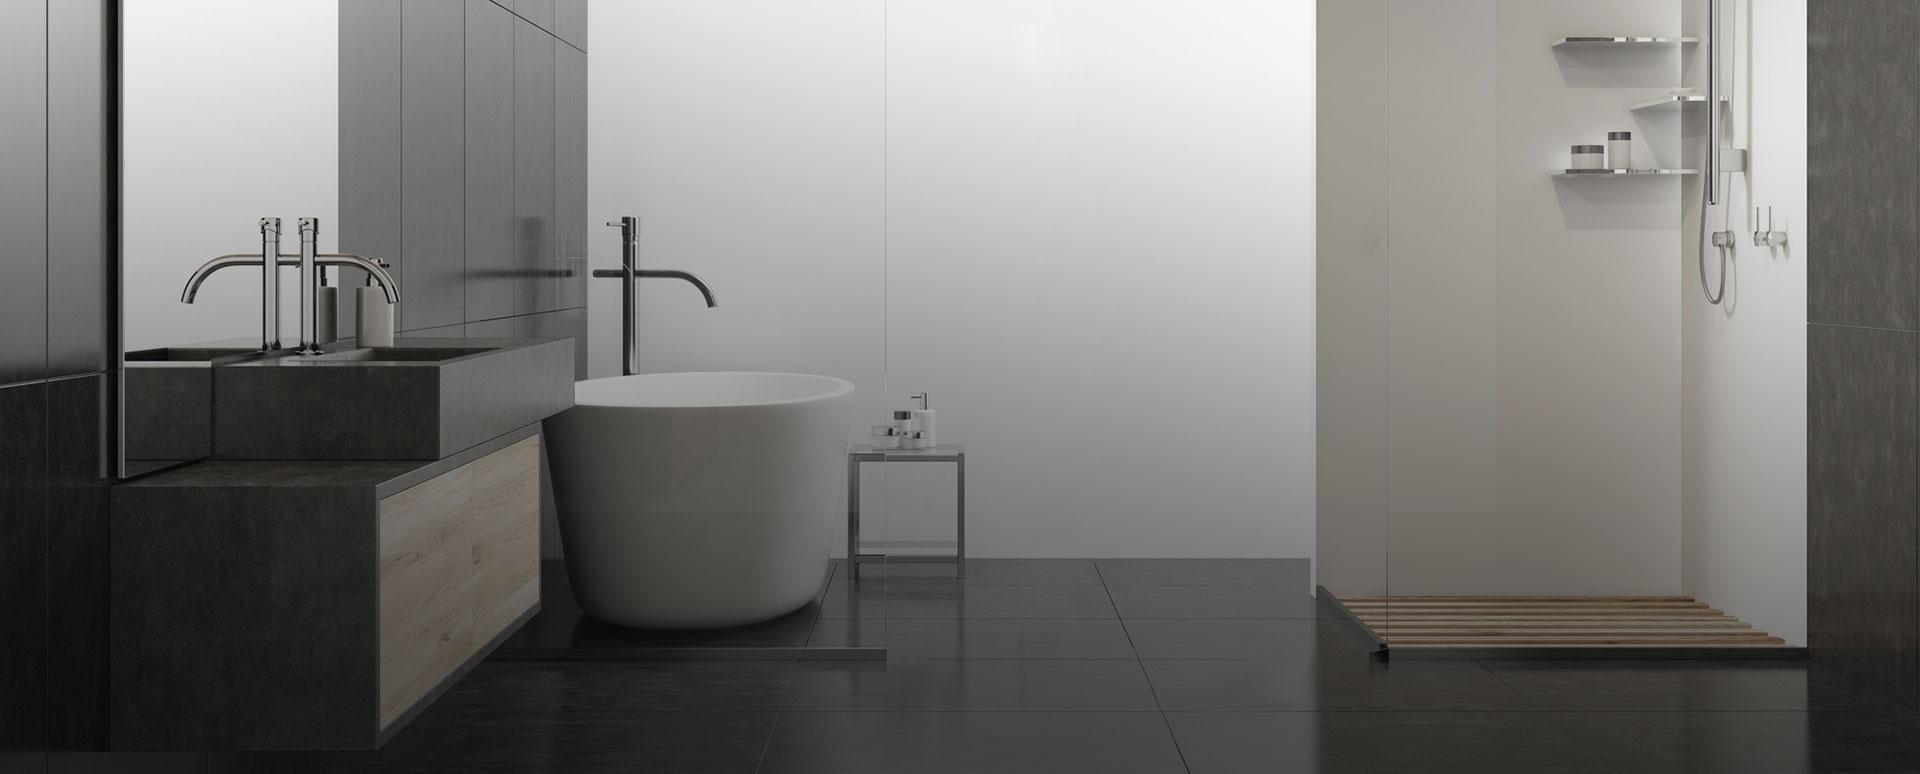 Slider Hintergrund | Klaus Glittenberg Heizung & Sanitär Wuppertal